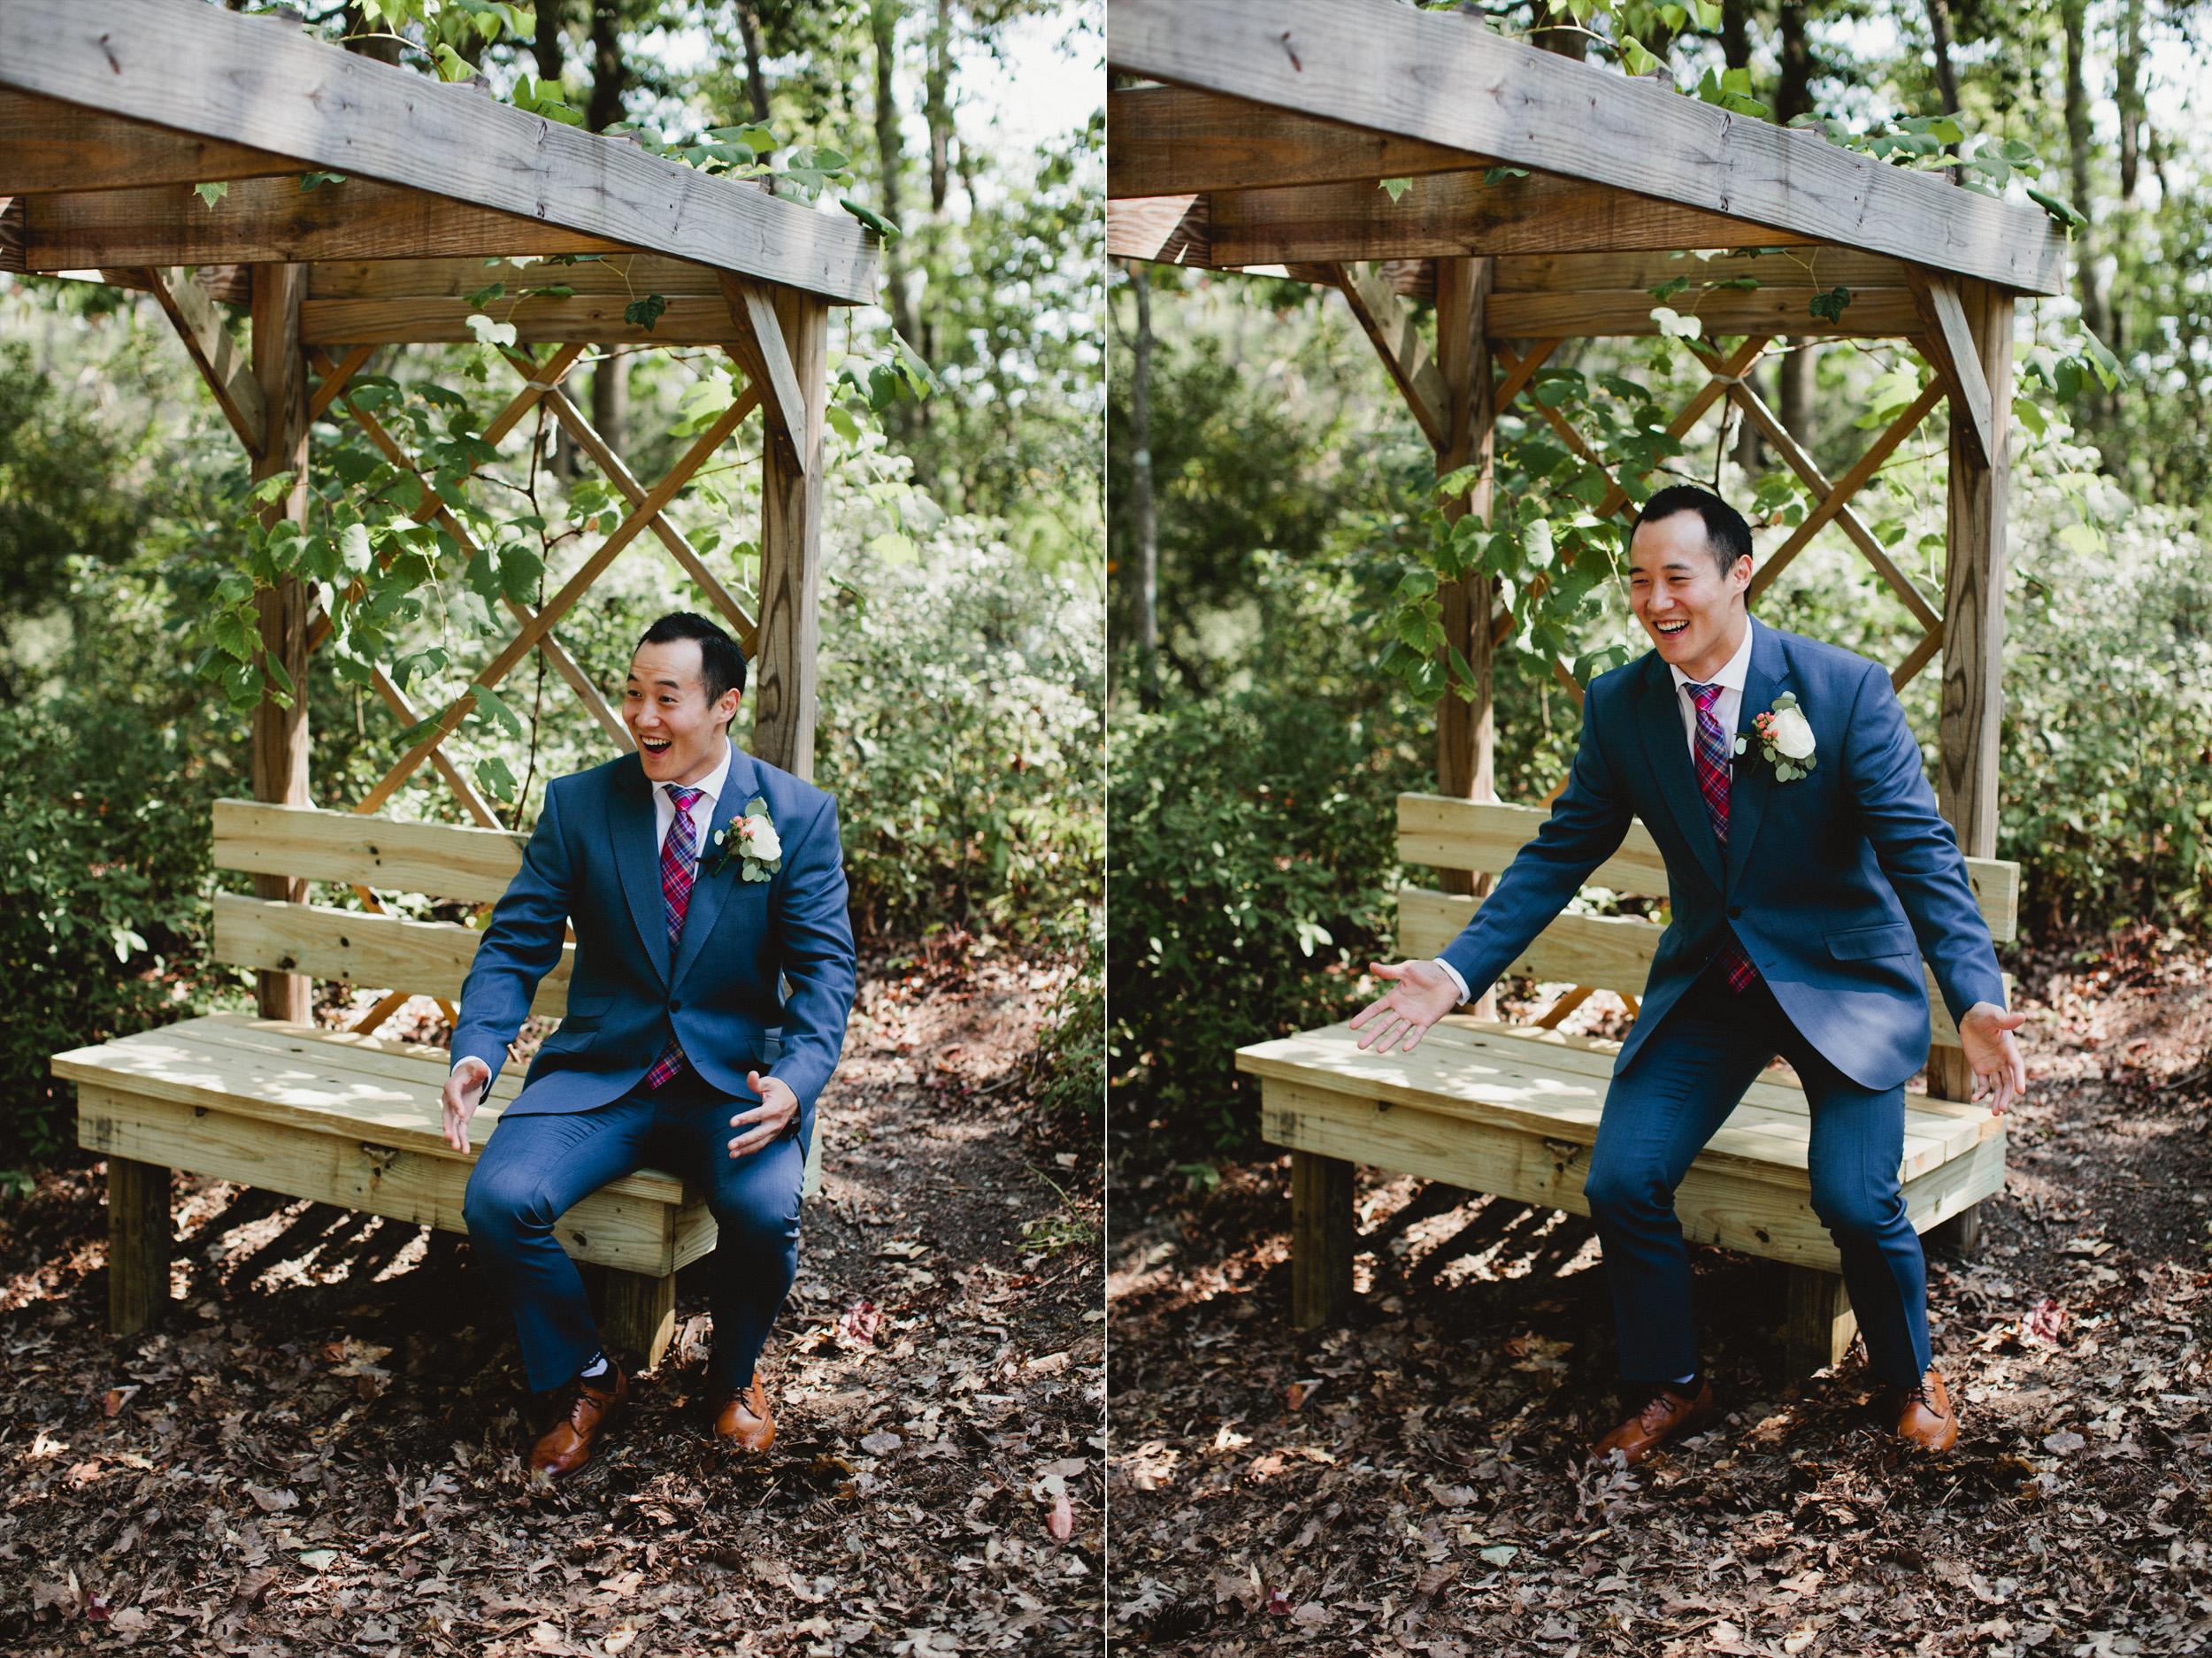 Maine-Wedding-Photographer-917a.jpg